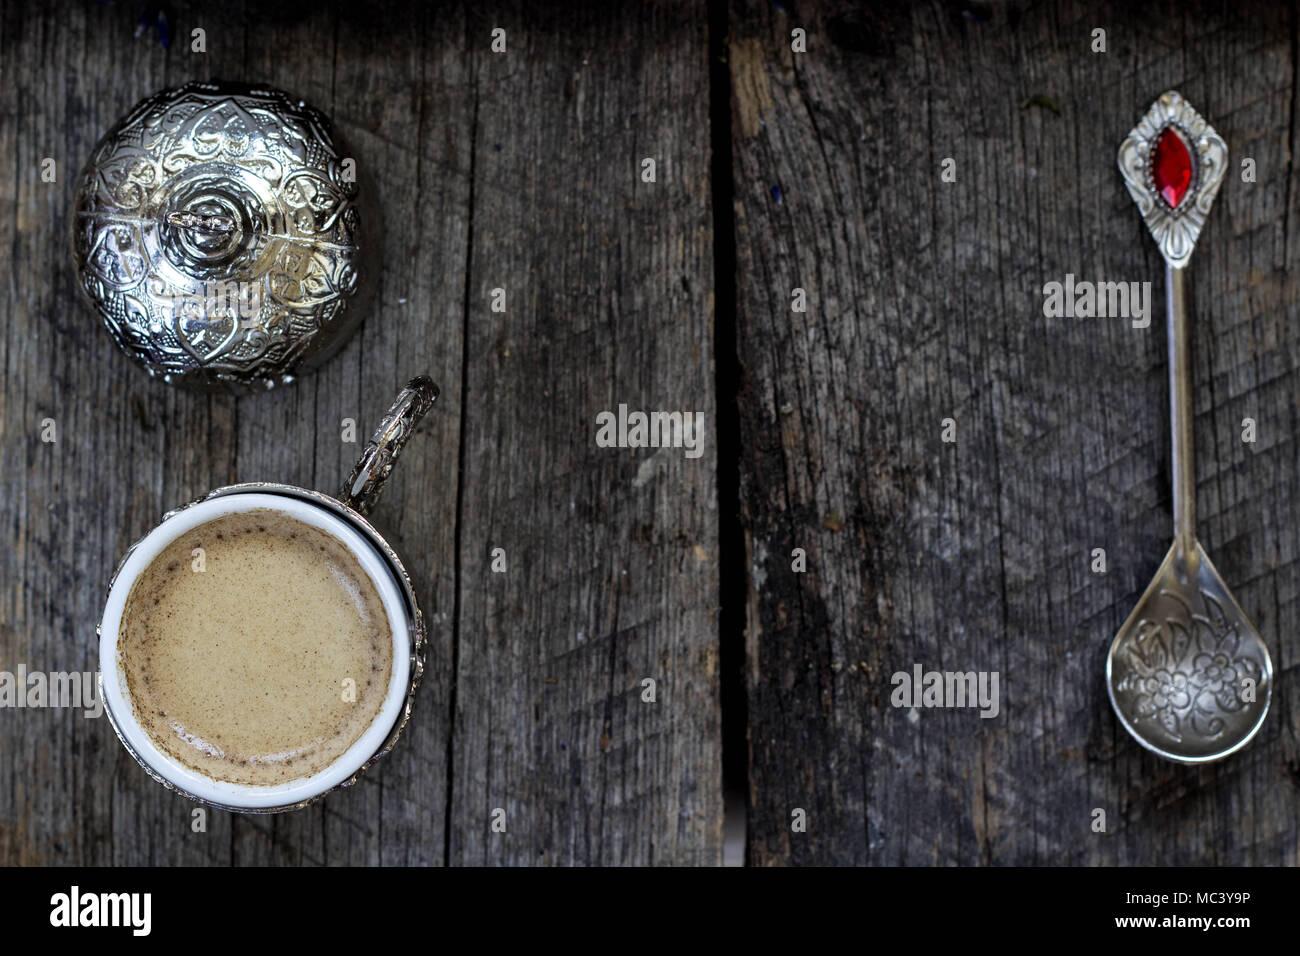 Türkischer Kaffee in einer traditionellen Tasse und Teelöffel auf einer hölzernen Hintergrund Stockbild